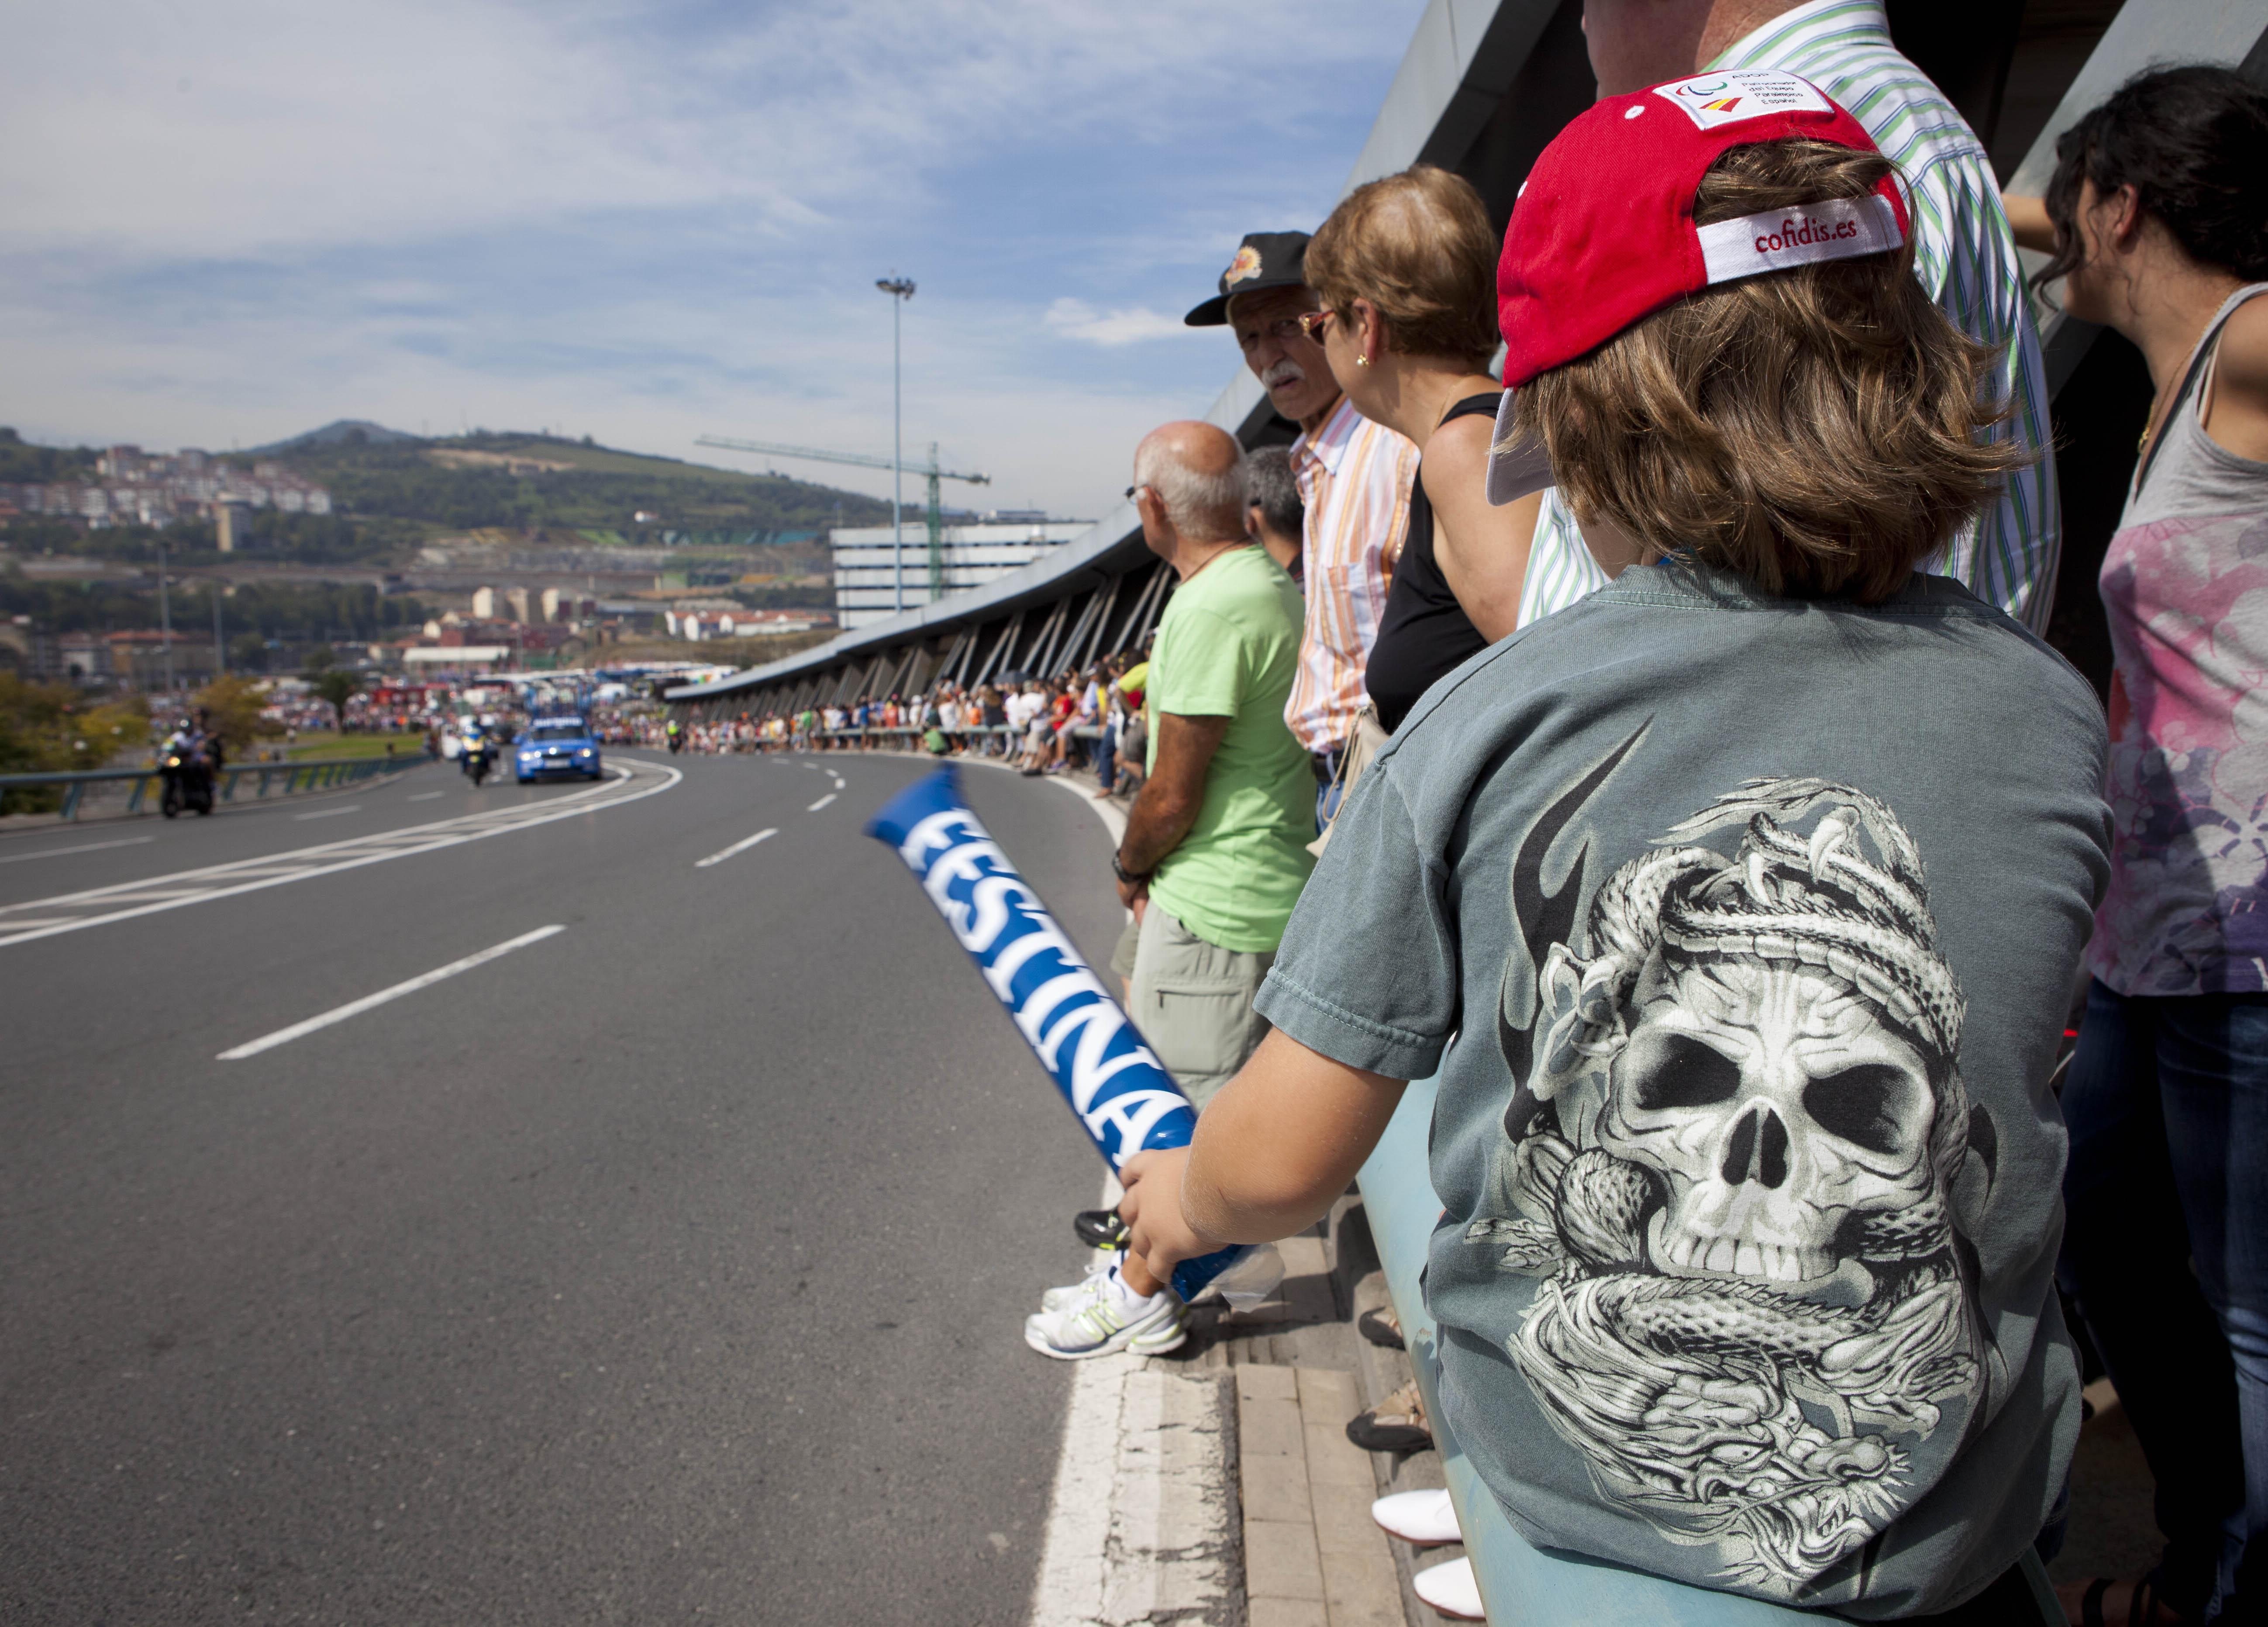 2011_09_10_vuelta_bilbao24.jpg